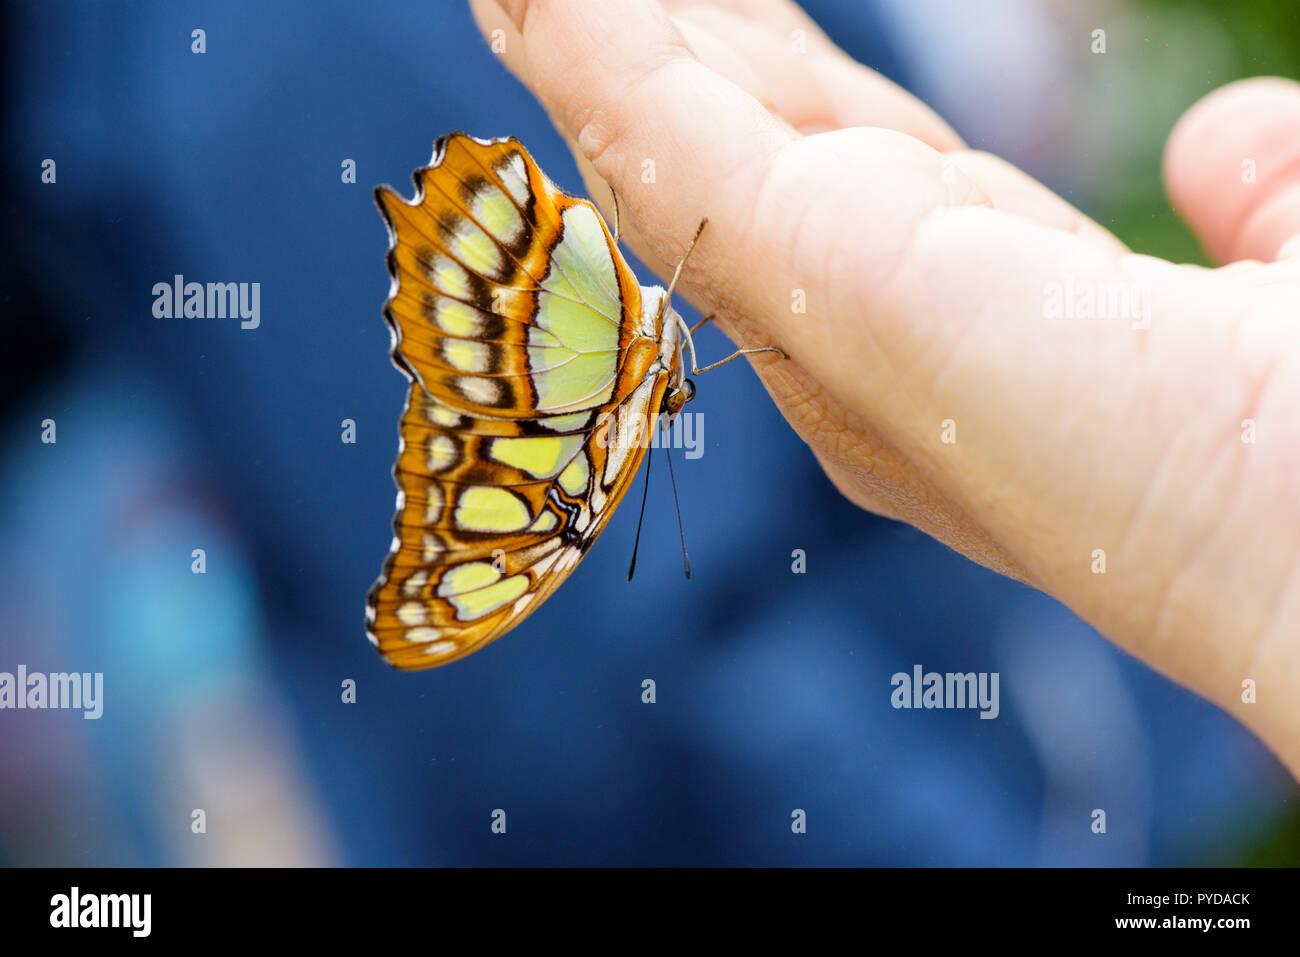 Malachite butterlfy (Siproeta Stelenes) on hand - Stock Image